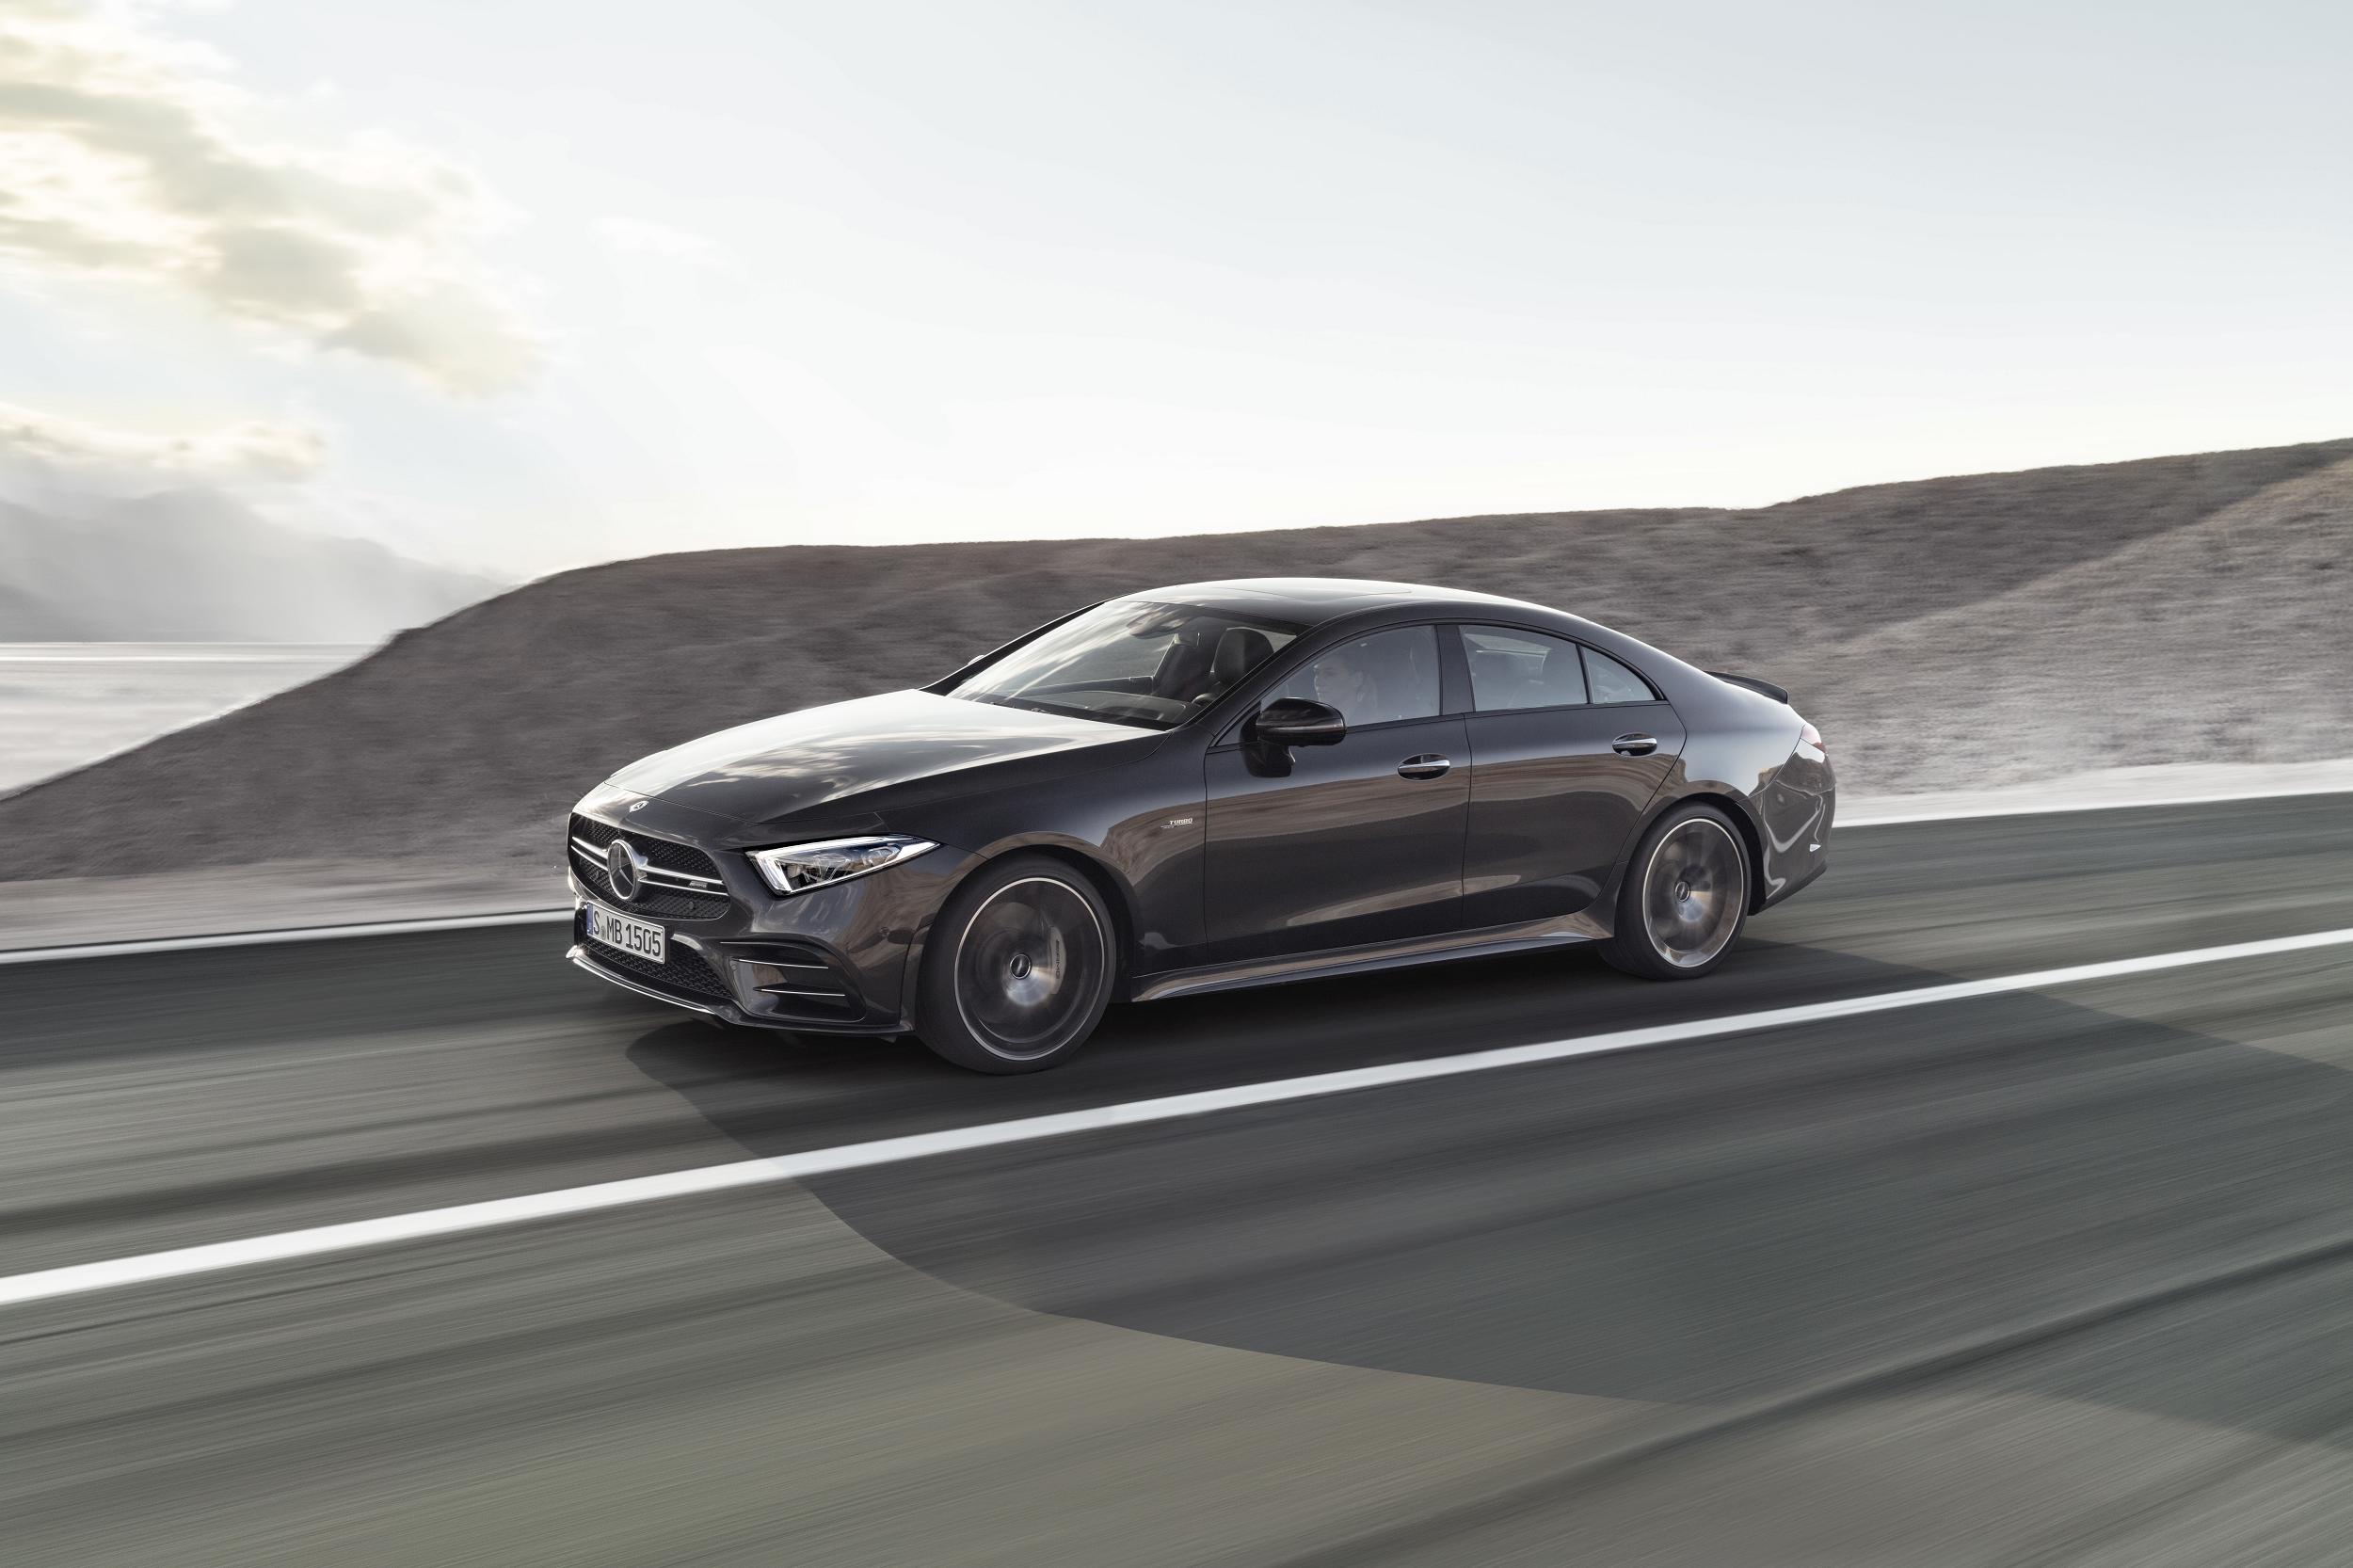 Novas designações Mercedes-AMG 53 para CLS, Classe E Coupé e Classe E Cabriolet